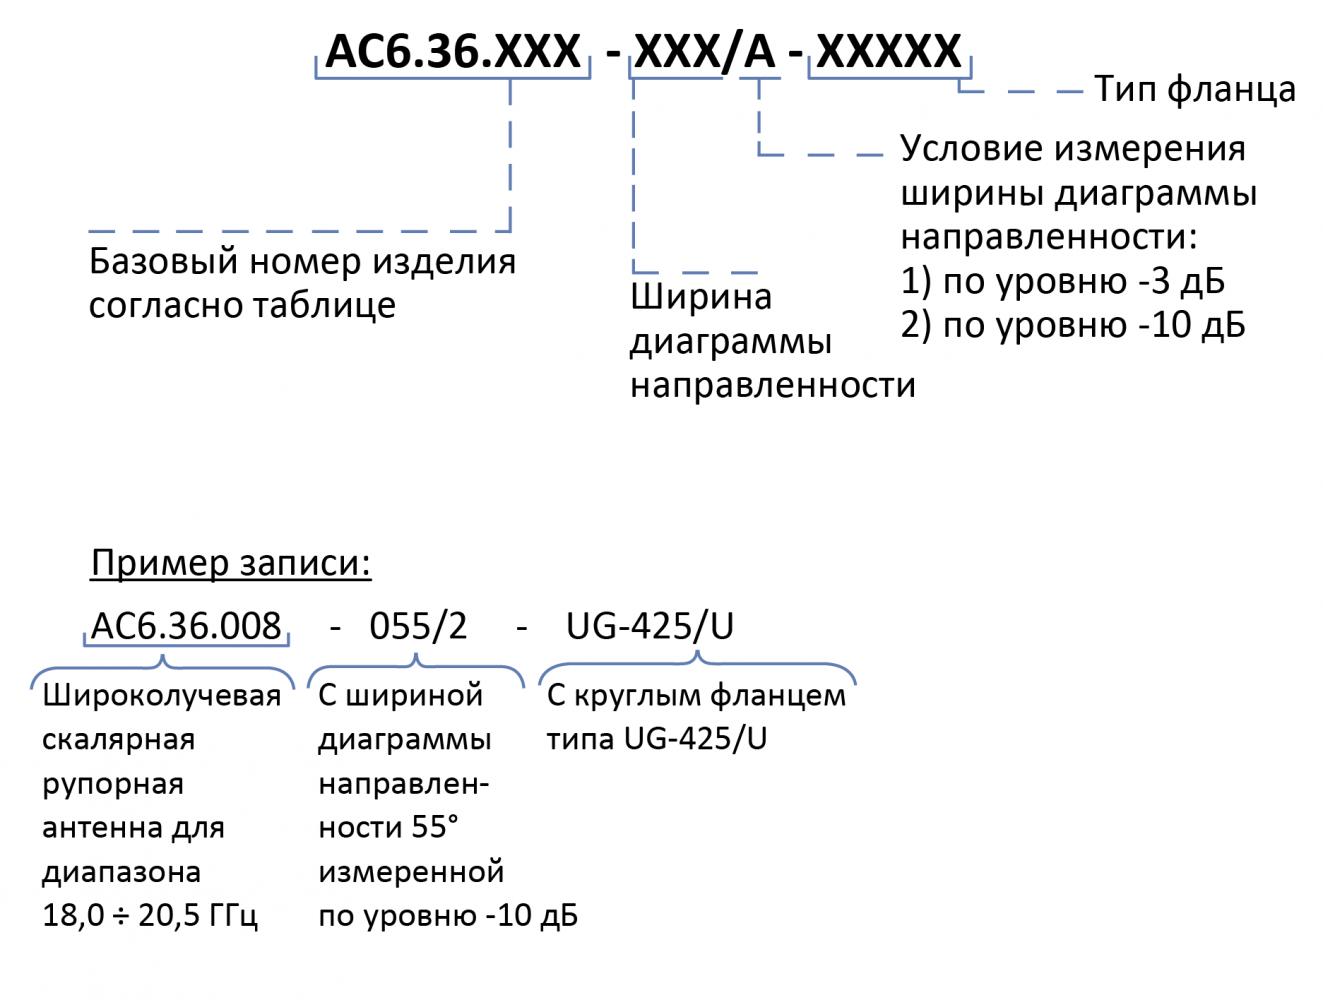 Информация для заказа Антенны АС6.36